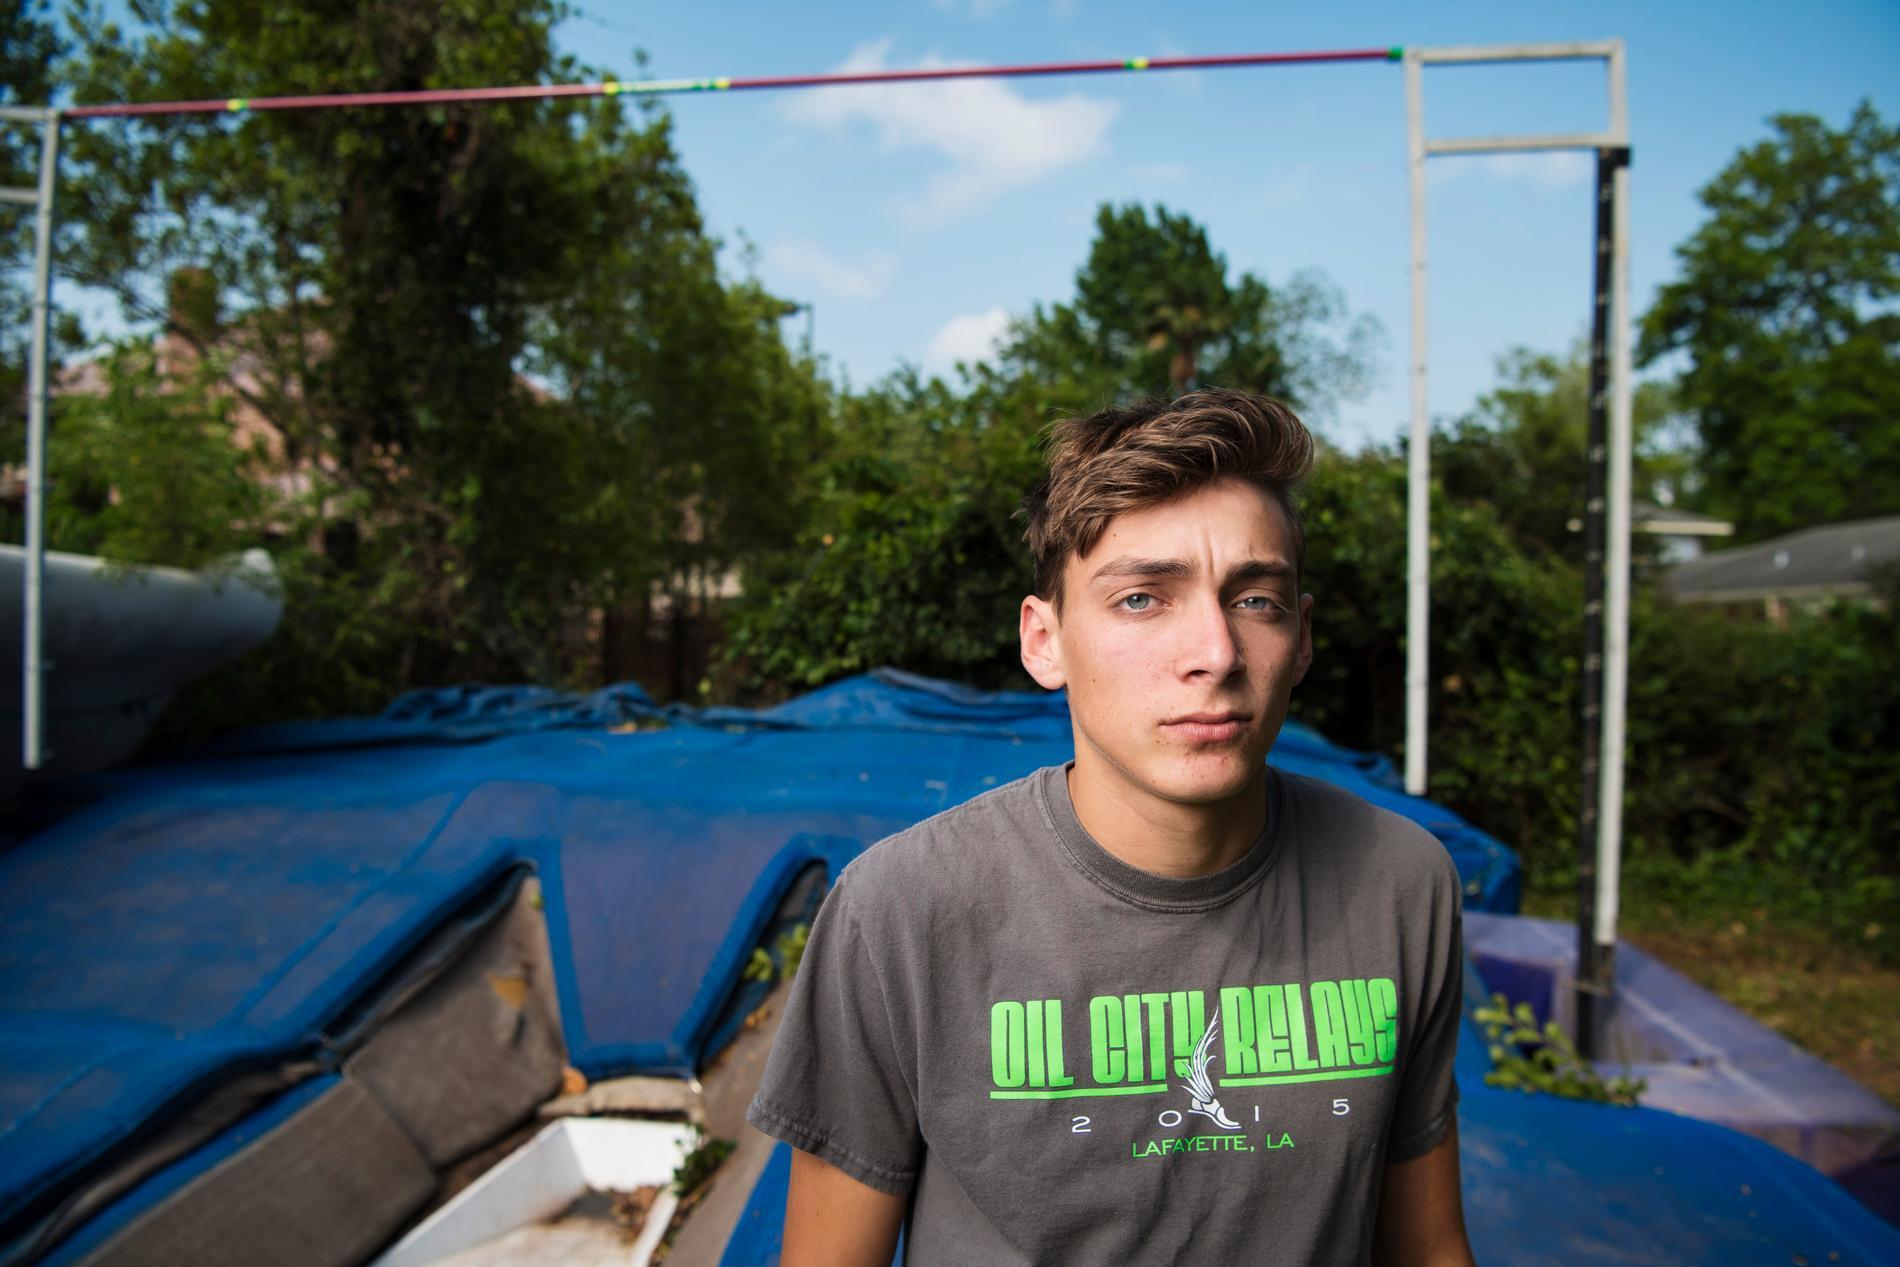 Armand Duplantis framför hoppmattan i föräldrahemmet i Lafayette, Louisiana.